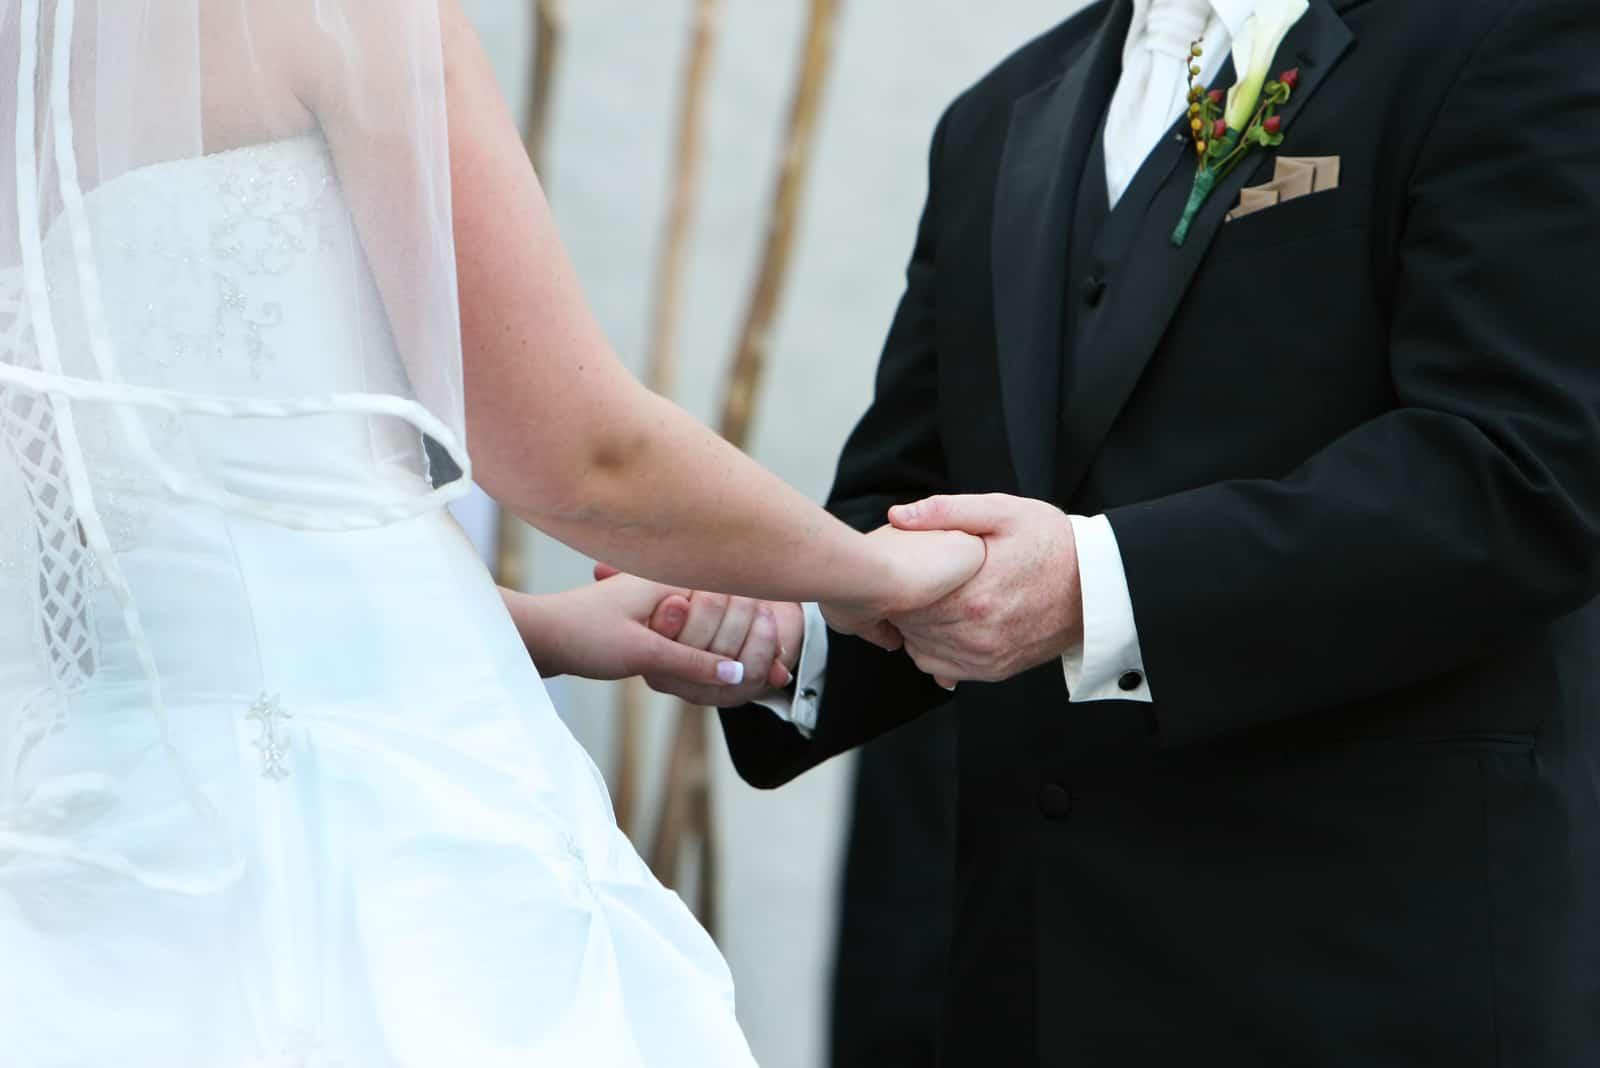 un homme et une femme se tiennent la main lors d'un mariage